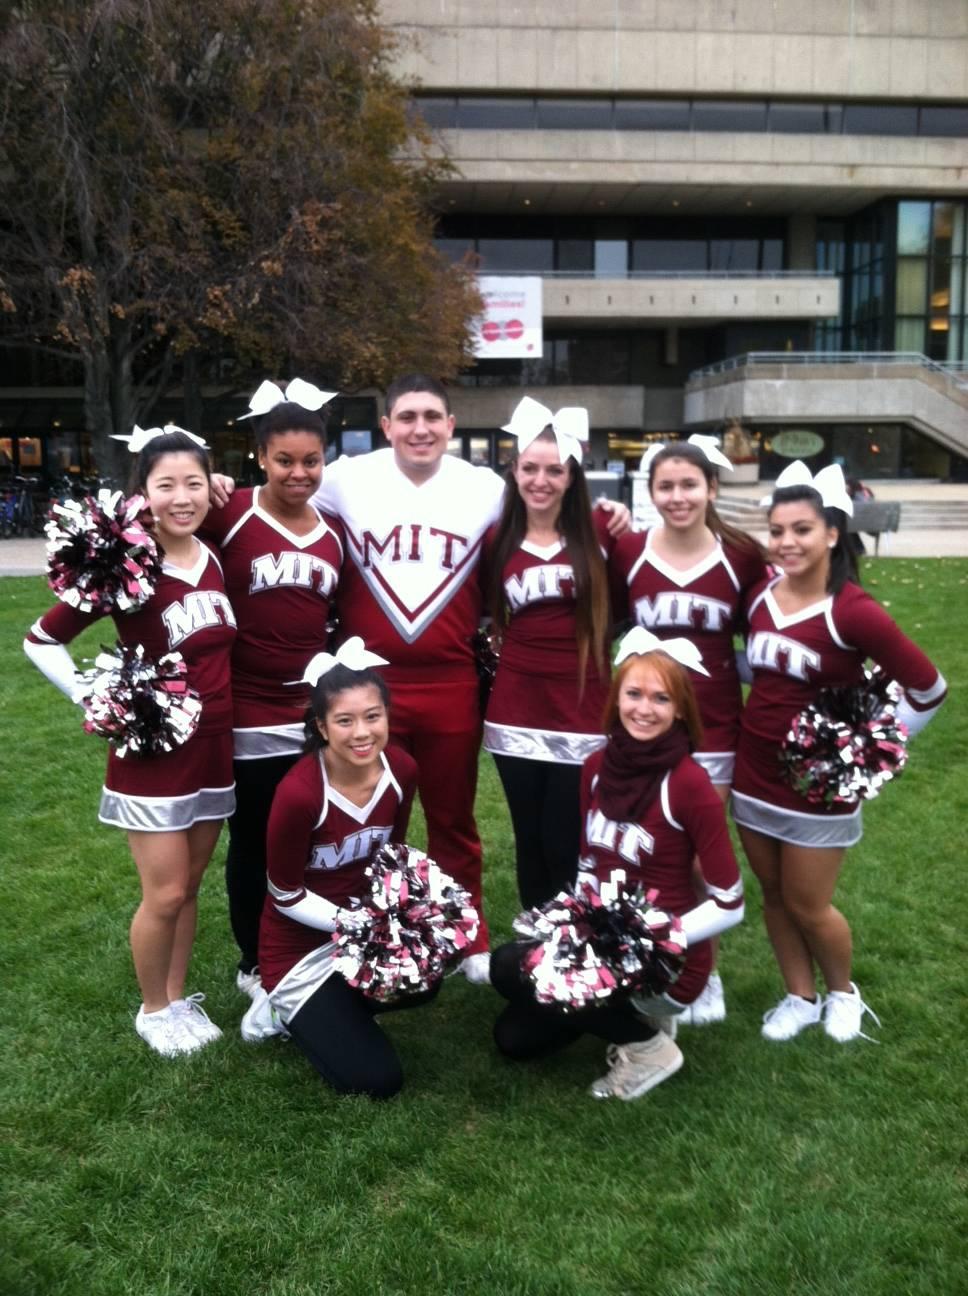 Meet the MIT Cheerleaders: Science Cheerleaders by Definition!